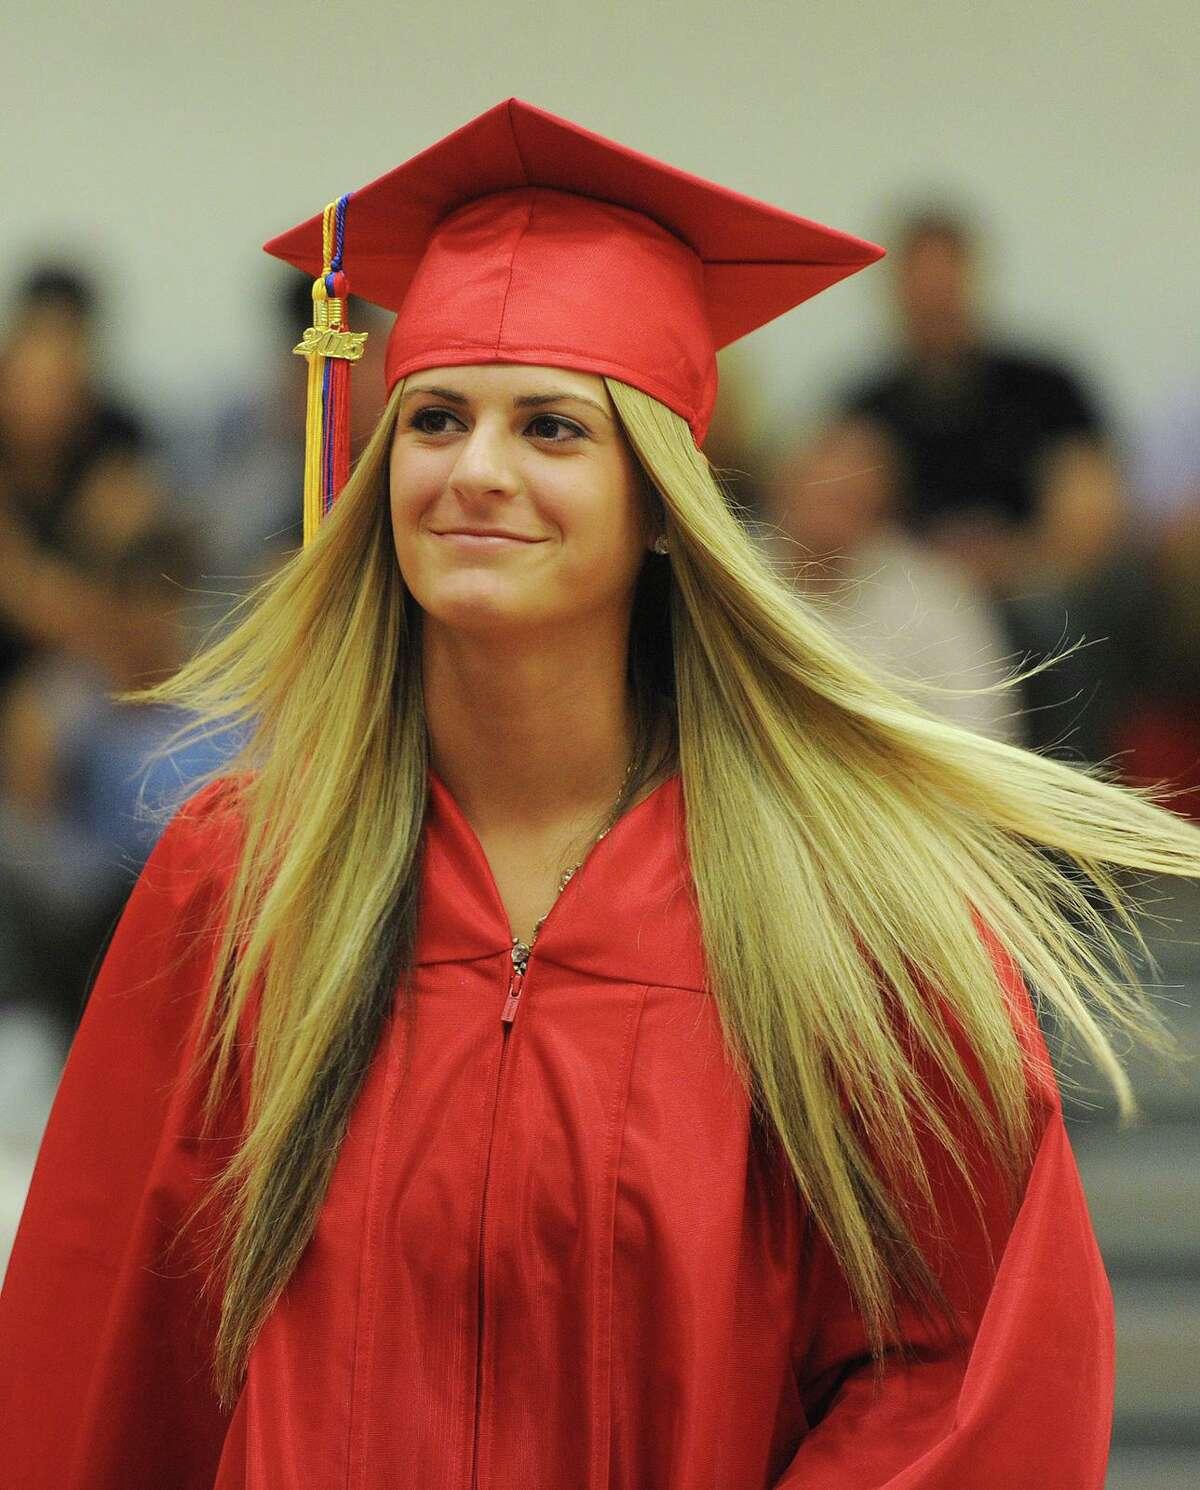 Foran High School graduation in Milford, Conn. on Tuesday, June 16, 2015. Danielle Kemp - 'Danni'